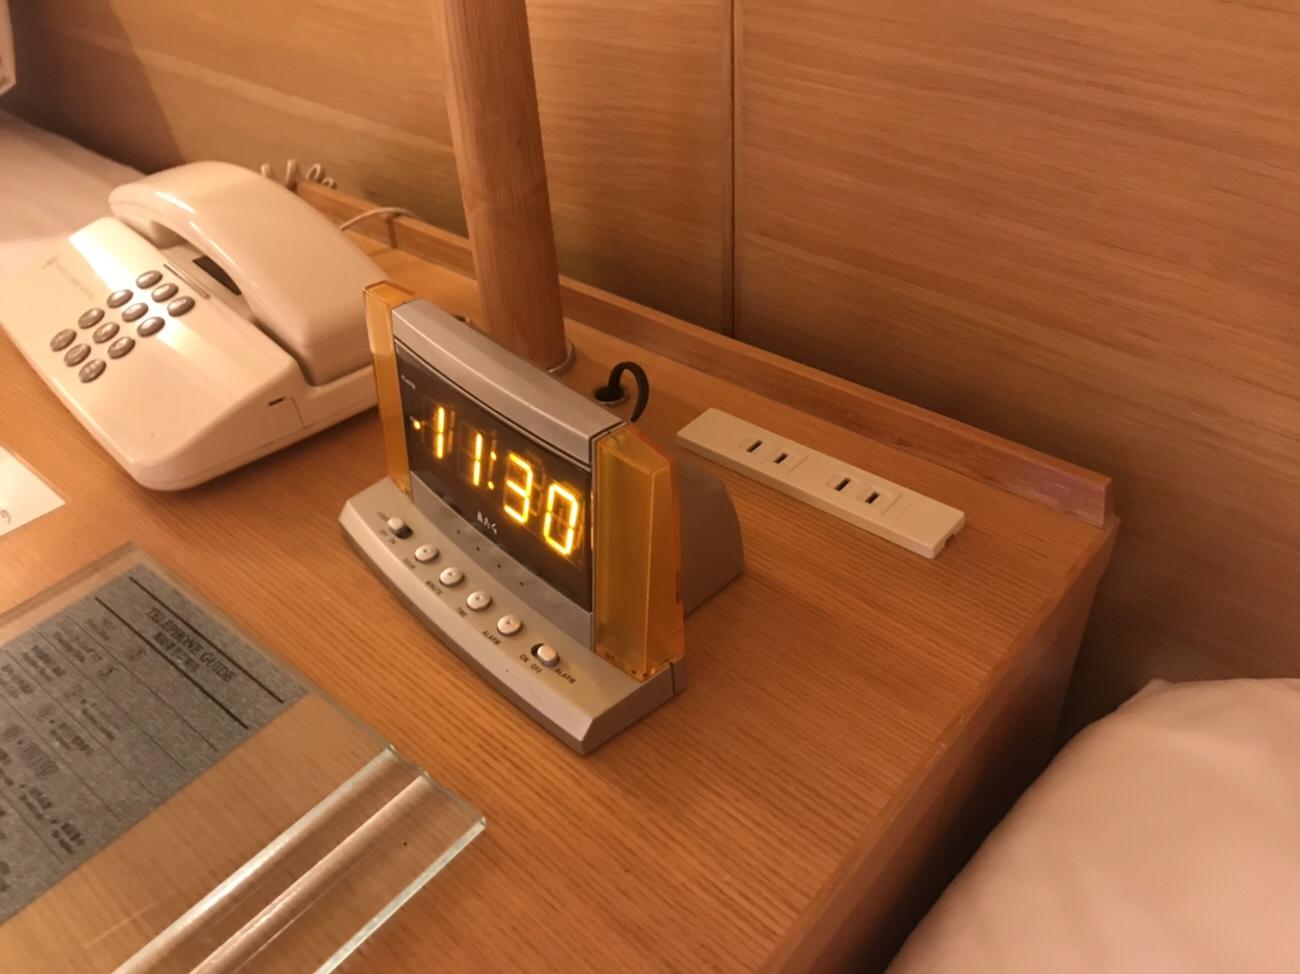 ホテルクラビーサッポロ部屋の電源